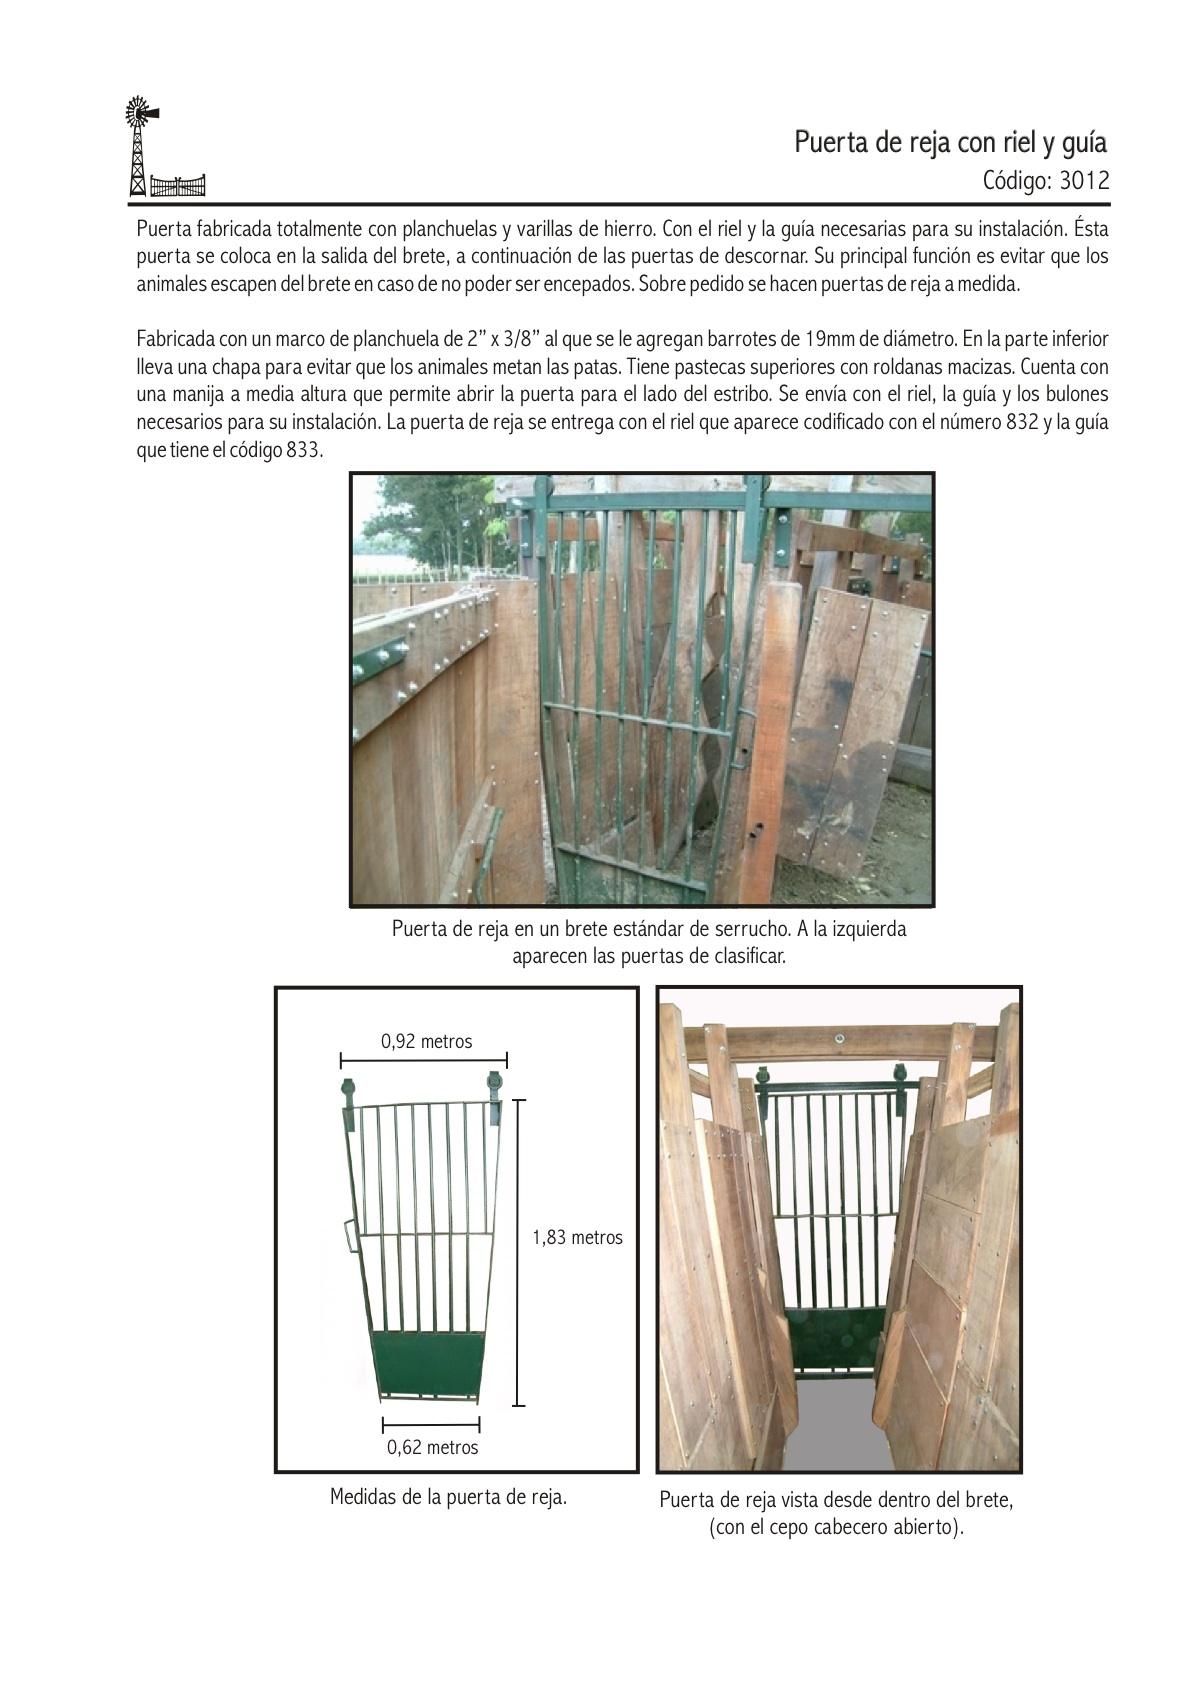 Puerta de reja con riel y guia agroventas - Puertas de reja ...